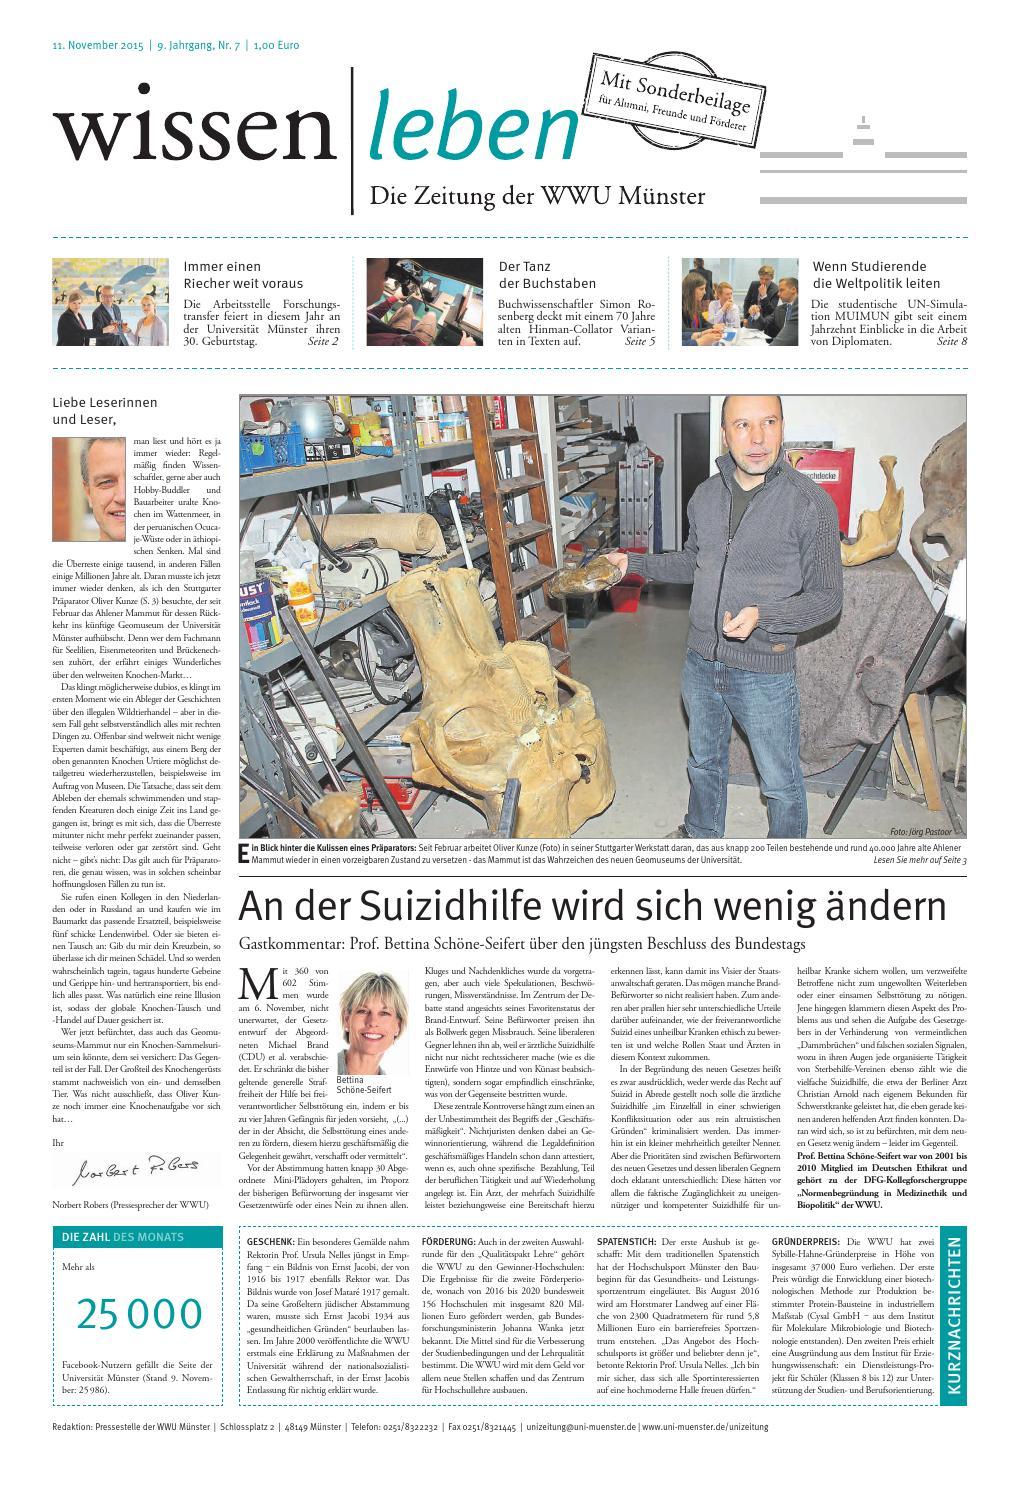 WISSEN|LEBEN - DIE ZEITUNG DER WWU by Westfälische Wilhelms-Universität  Münster - issuu